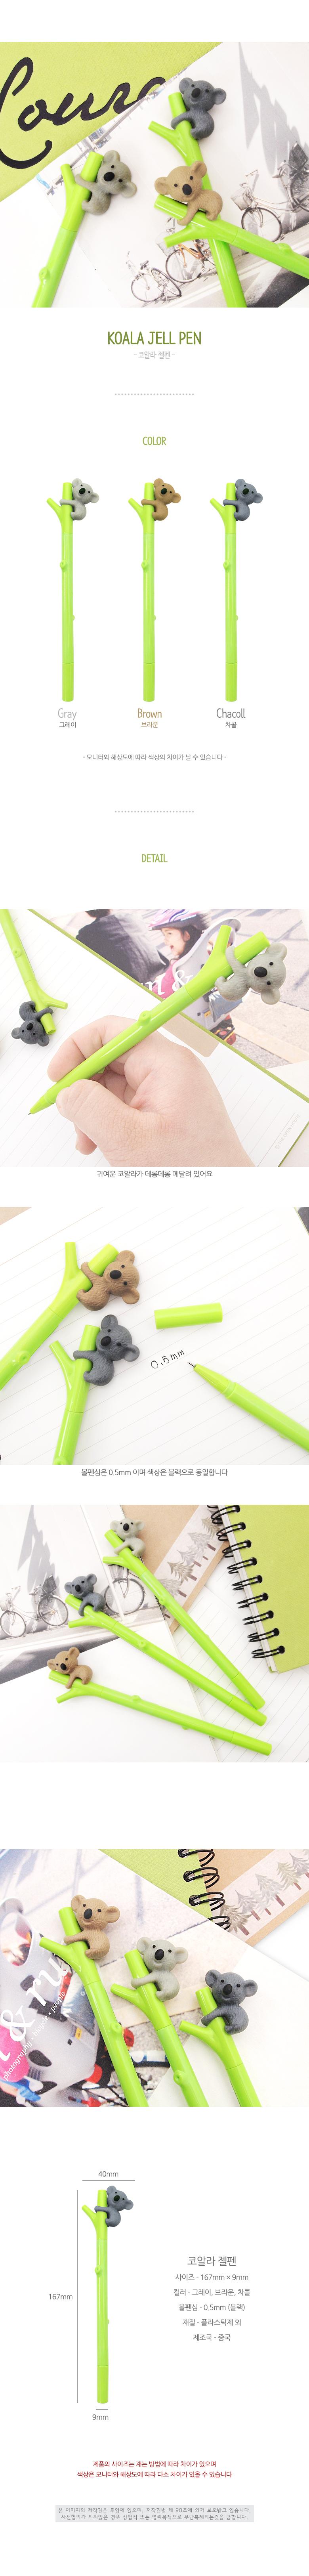 코알라 젤펜 - 투영, 1,000원, 수성/중성펜, 심플 펜